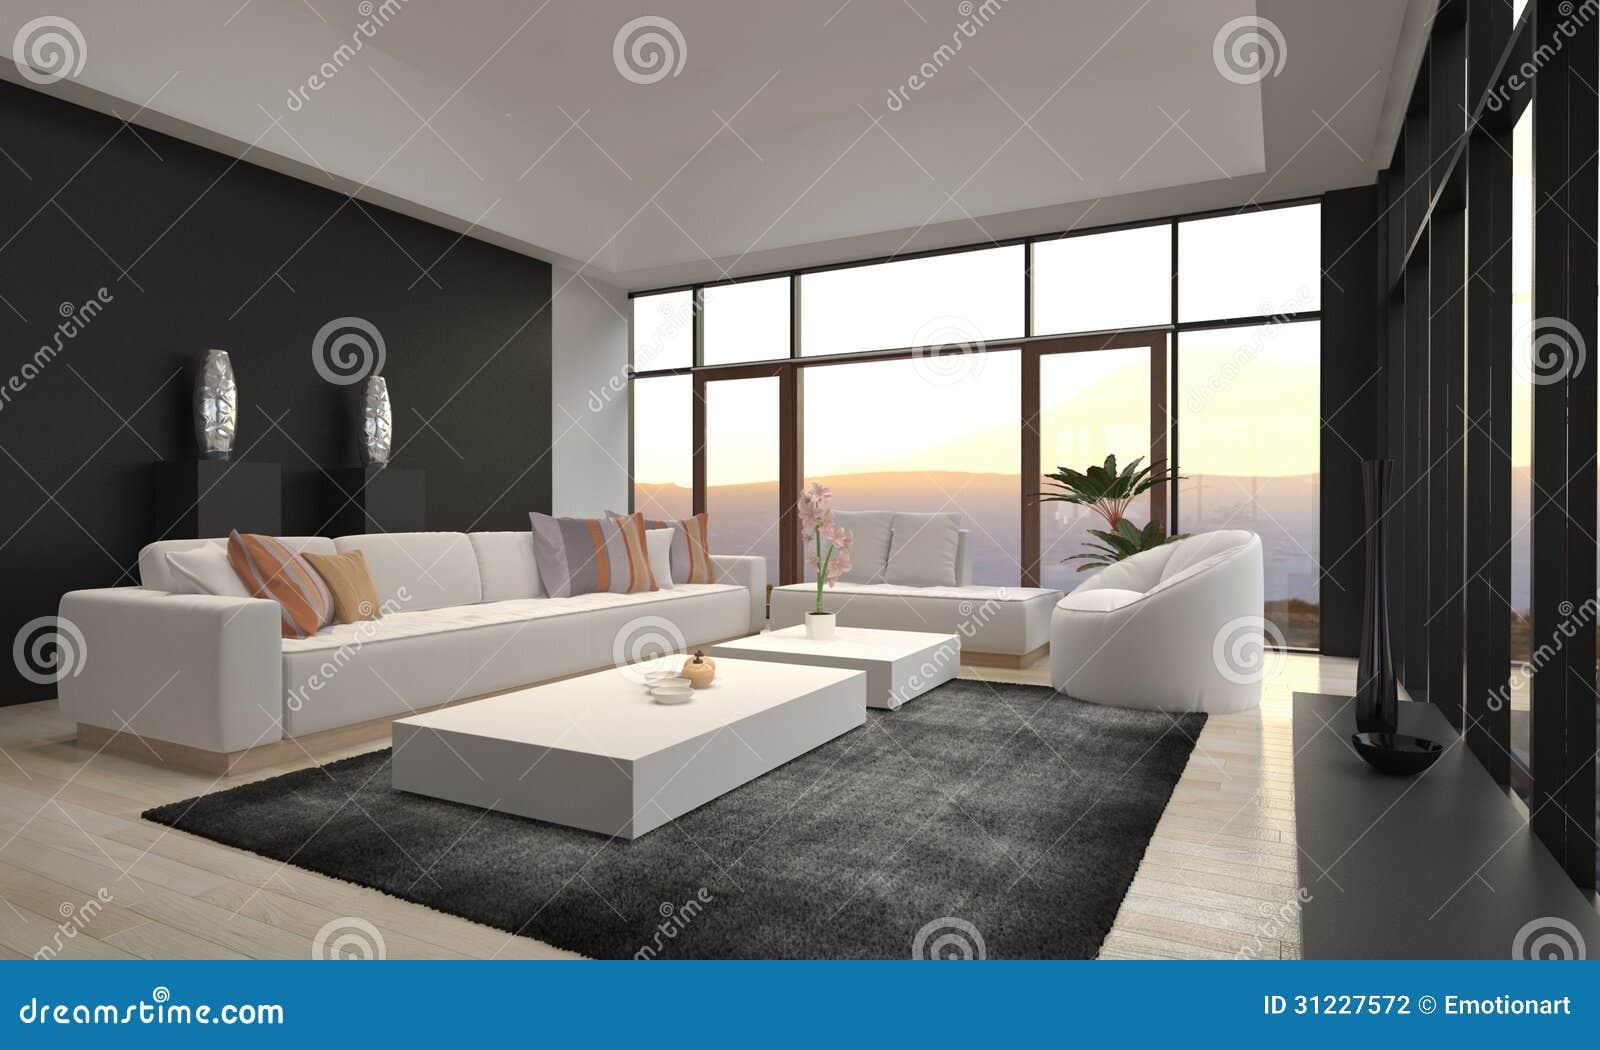 Sala de estar moderna impresionante del desván | Interior de la arquitectura